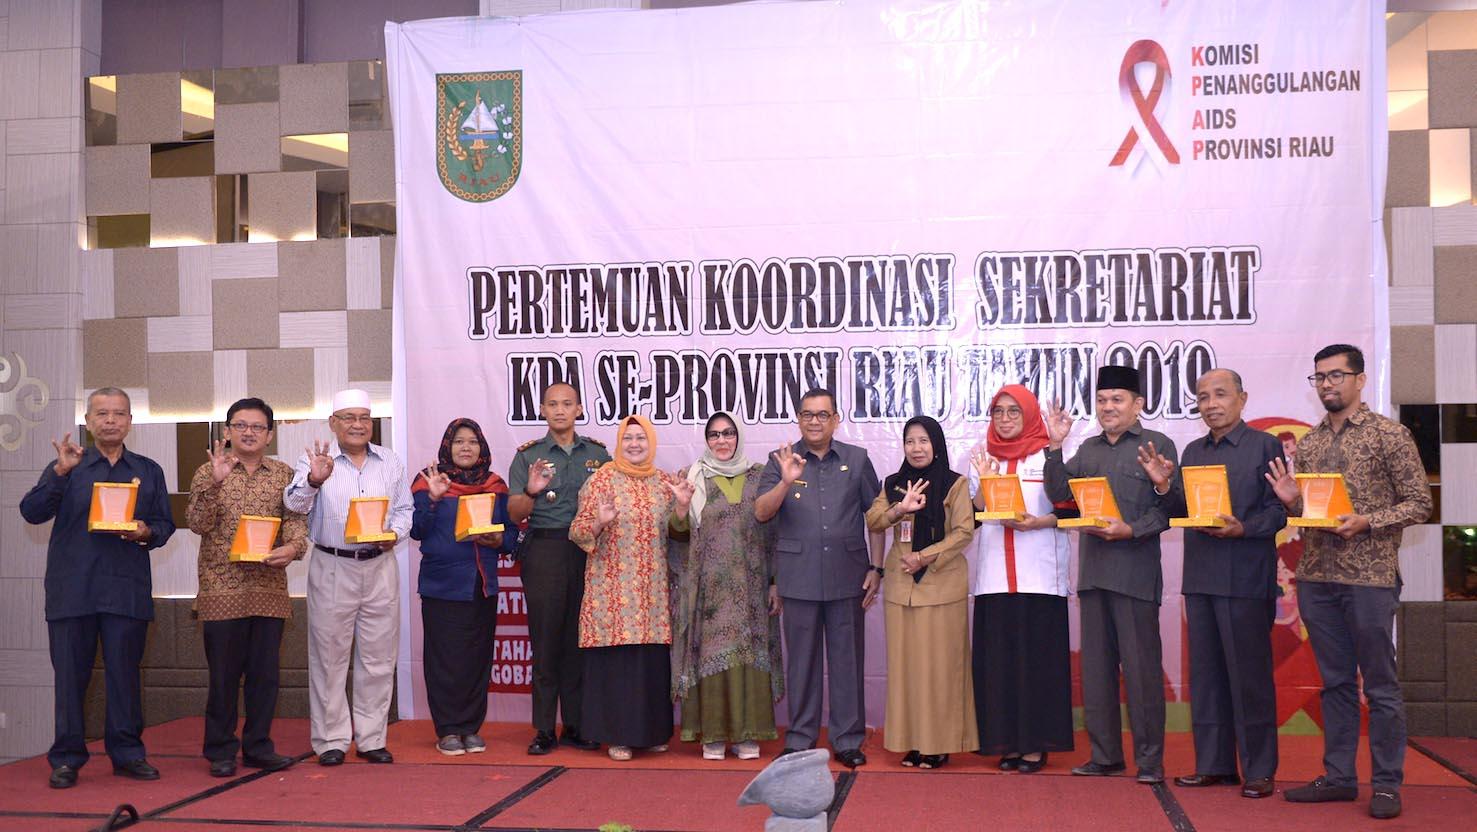 Wagubri H. Edy Nasution Menghadiri Sekaligus Membuka Acara Rapat Koordinasi Sekretariat Komisi Penanggulangan Aids Se – Prov. Riau, Di Hotel Grand Cokro Pekanbaru